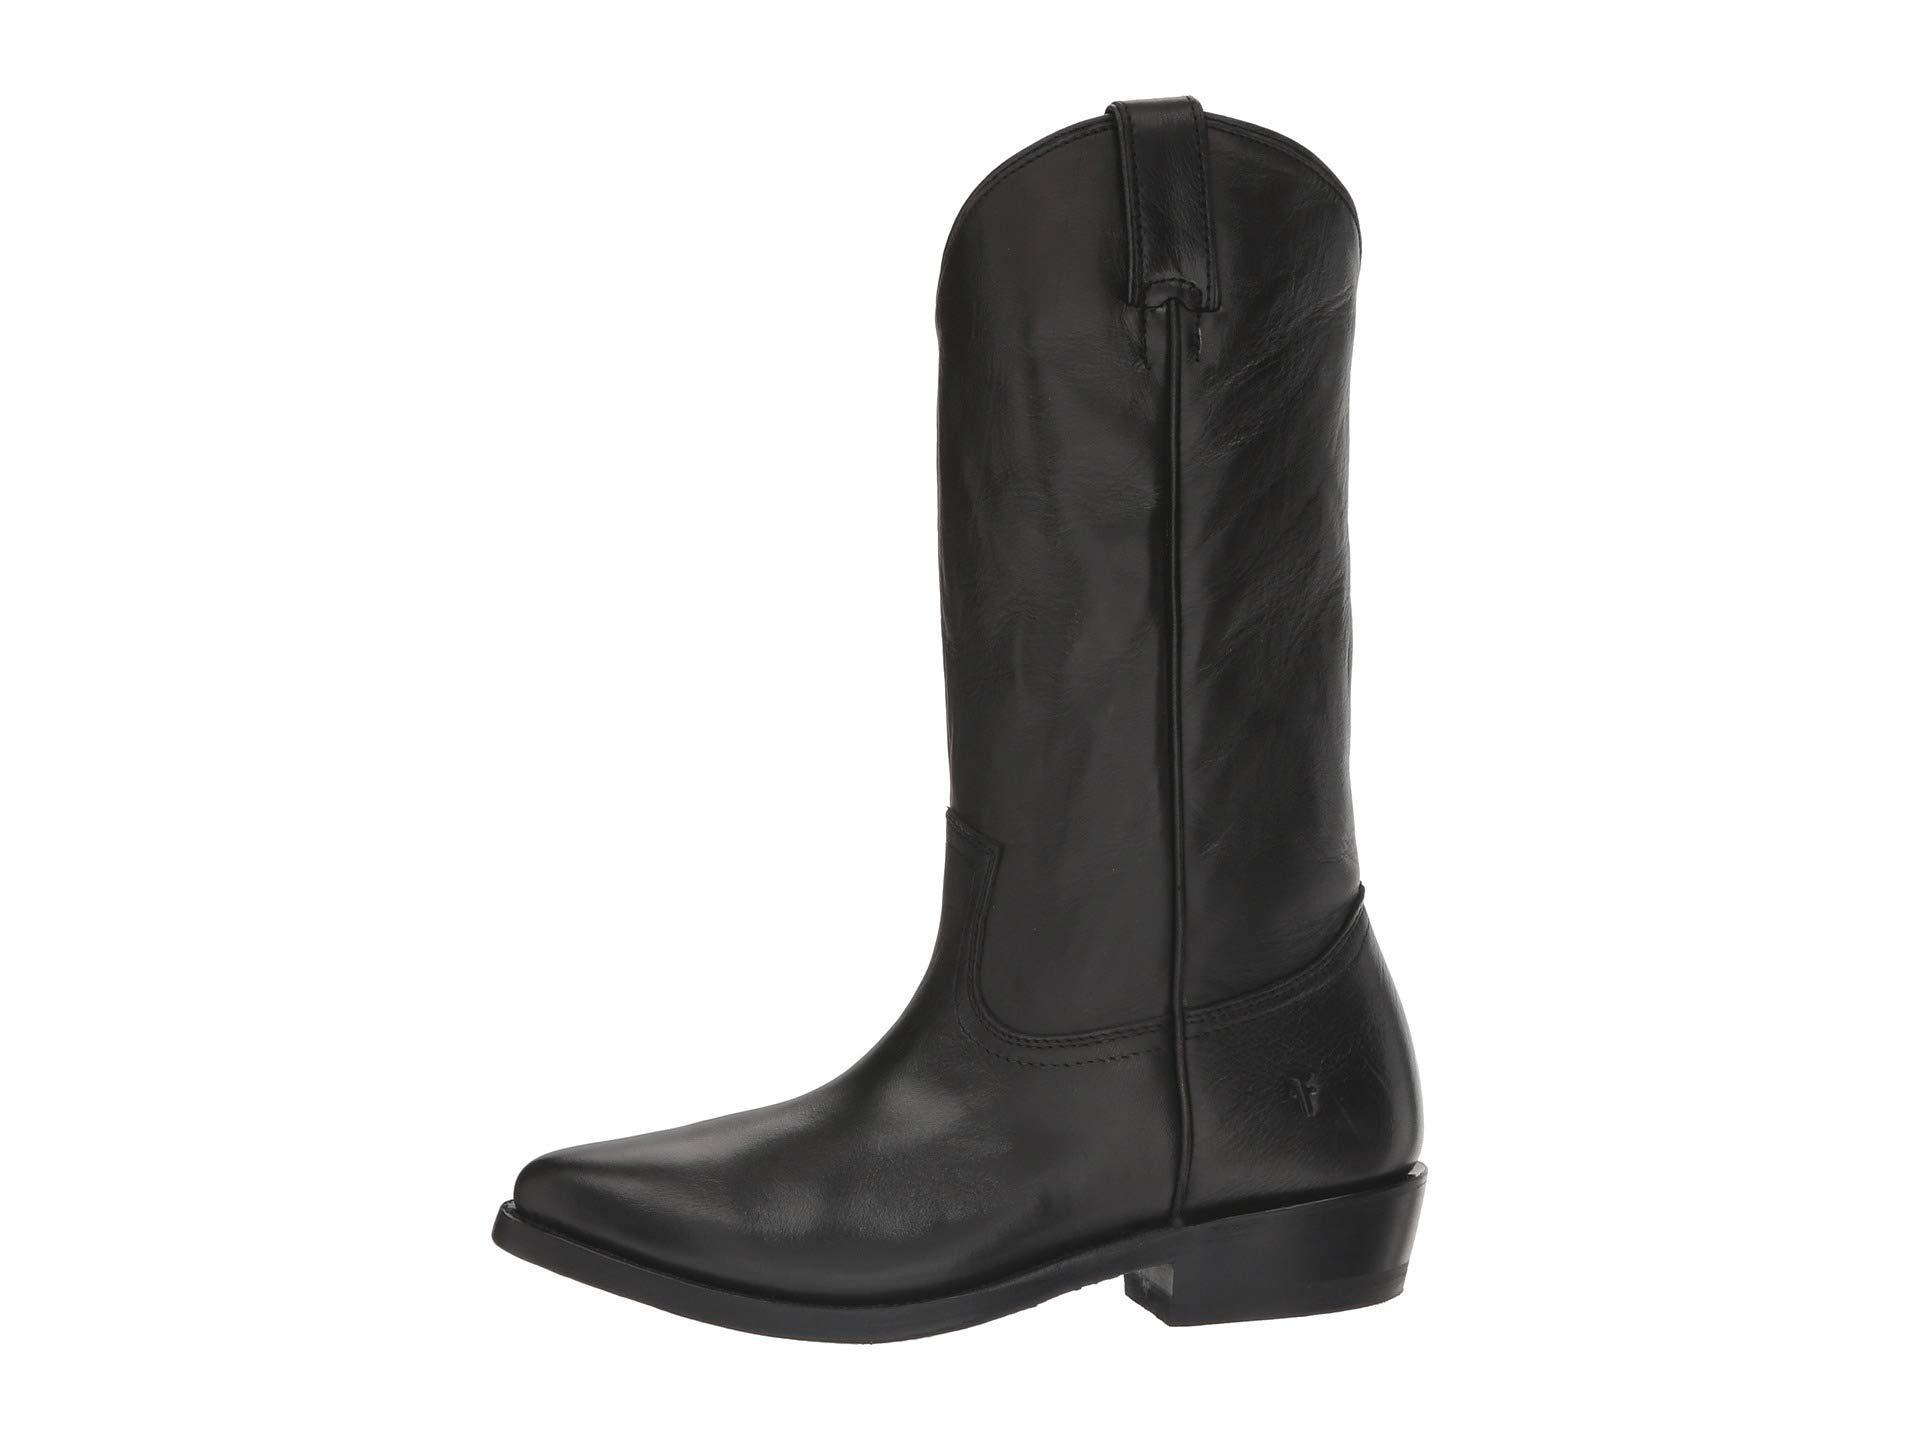 c10d980283e Lyst - Frye Billy Pull-on (smoke) Women's Boots in Black